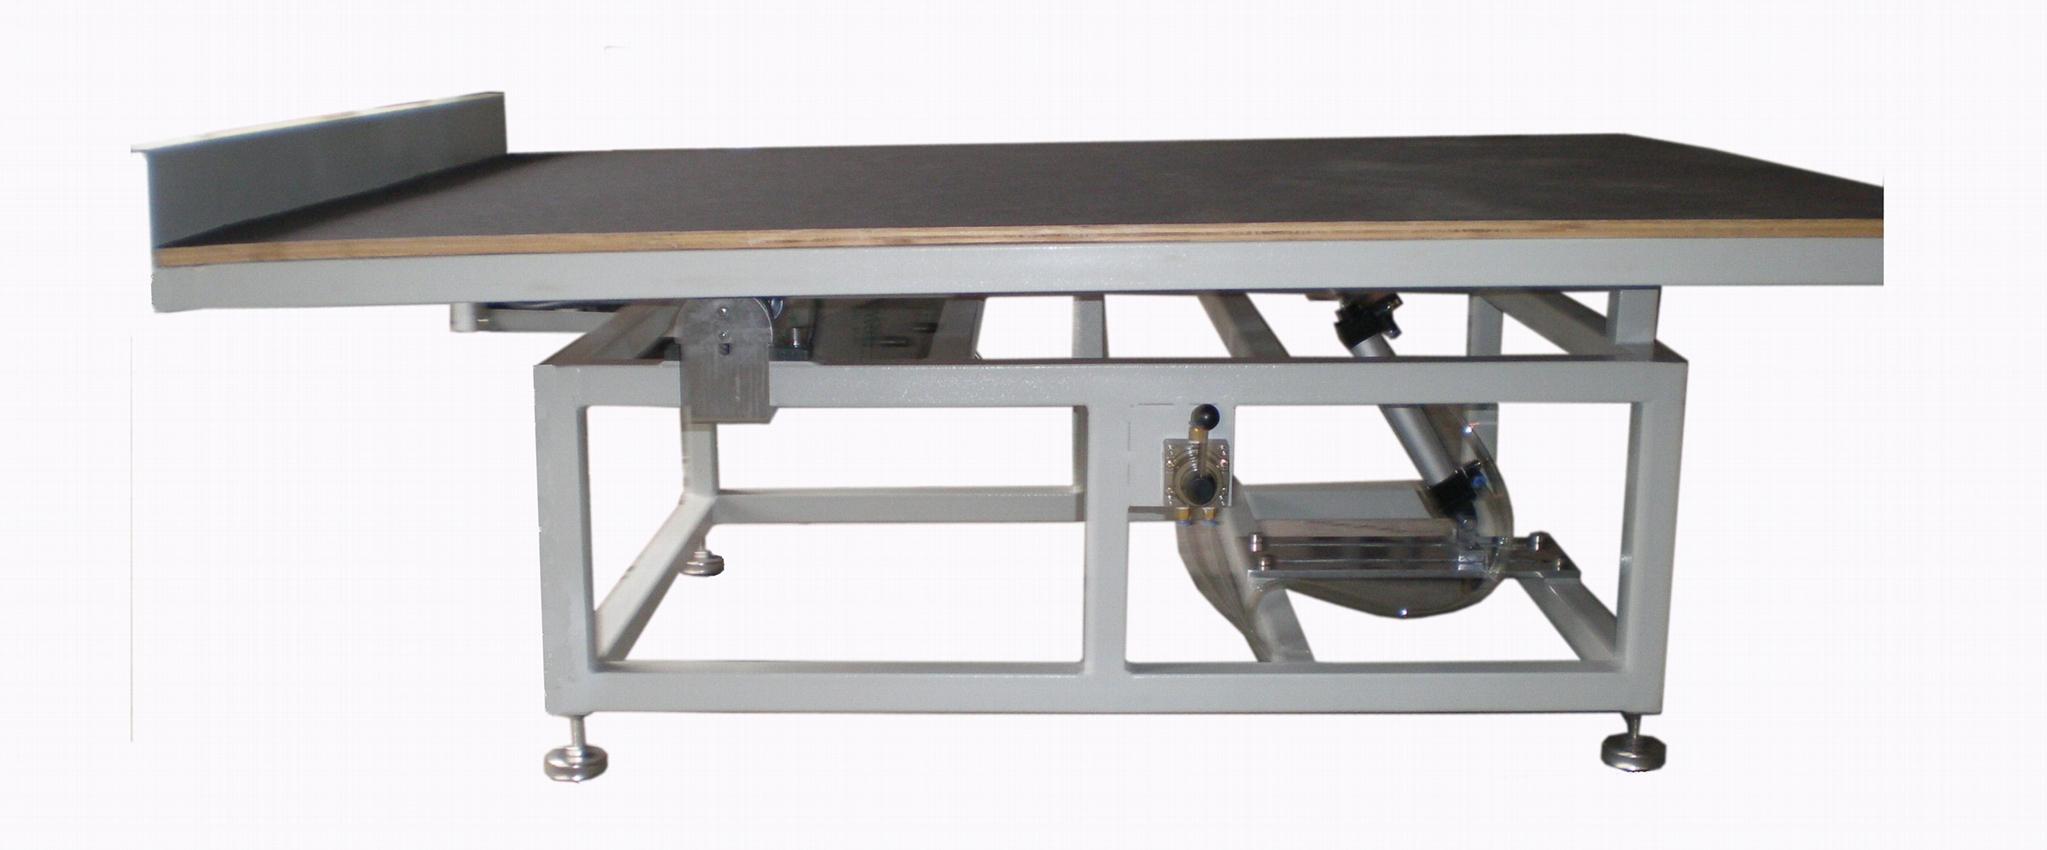 防撞间距测试装置,学步车平衡车专业测试仪器, 通铭全套设备 3